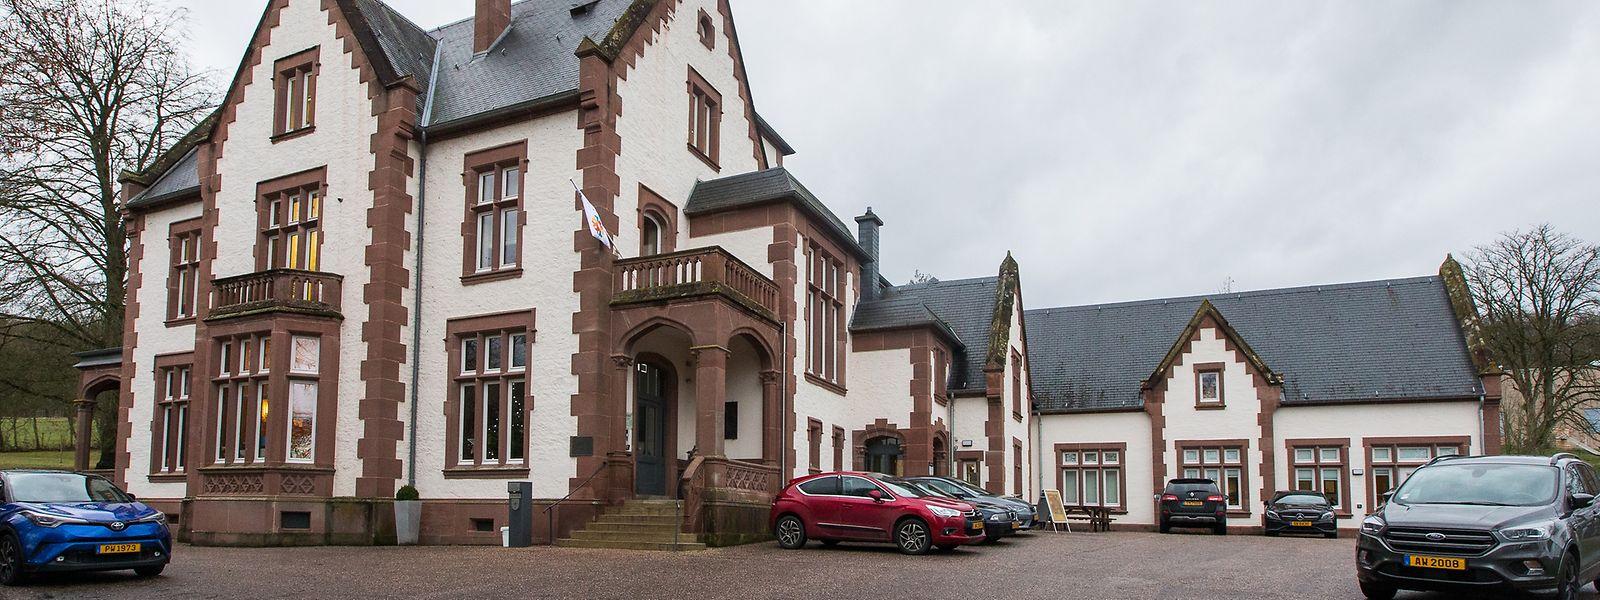 Der Sitz der neuen Gemeinde Rosport-Mompachbefindet sich seit dem Zusammenschluss im Tudor-Schloss in Rosport, in dem vor der Fusion schon die Beamten aus Rosport die Bürger empfingen.